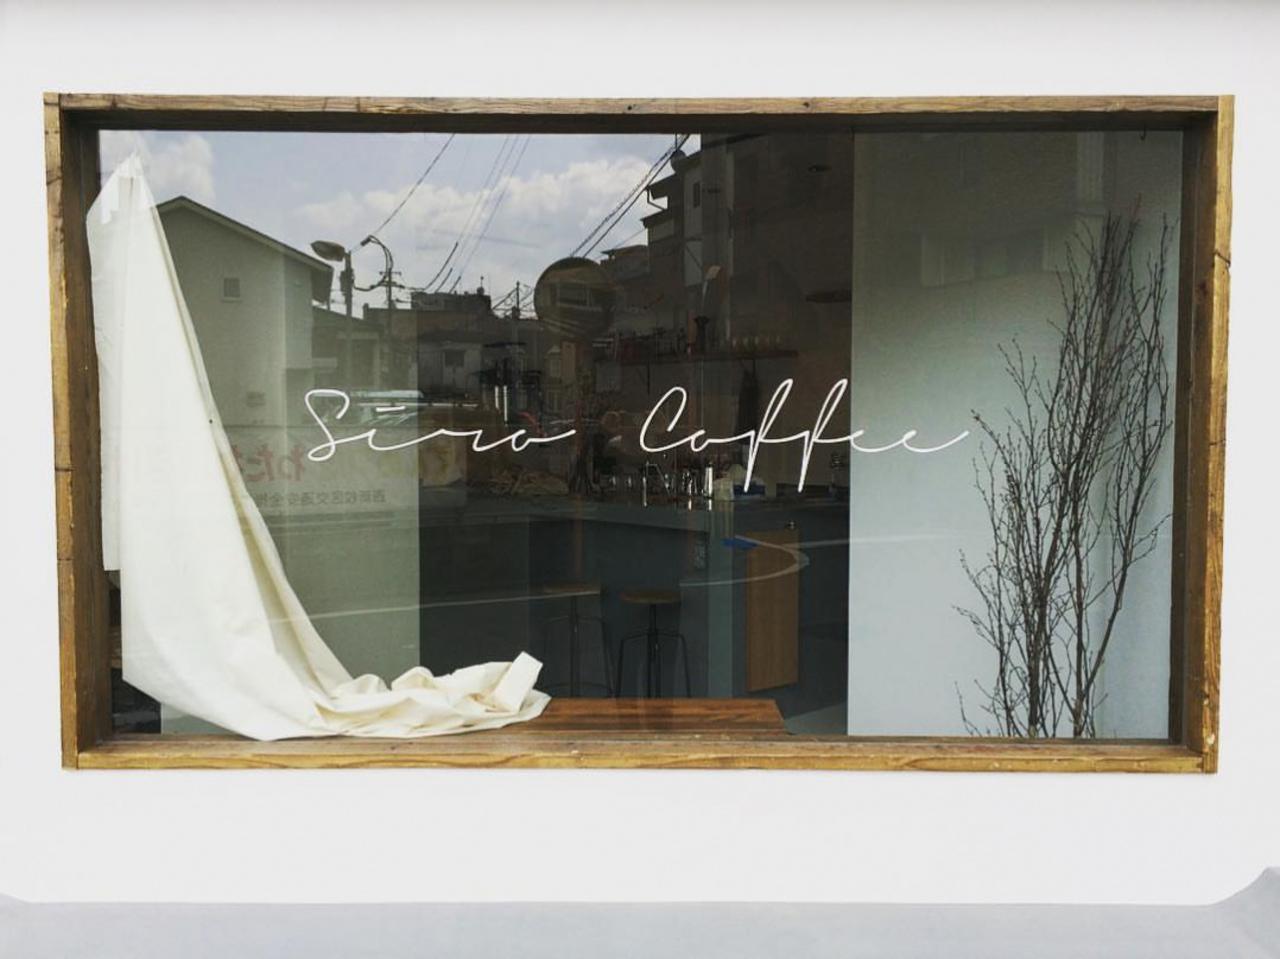 白を基調にしたスタイリッシュなカフェ...福岡市早良区城西2丁目の「シロコーヒー」